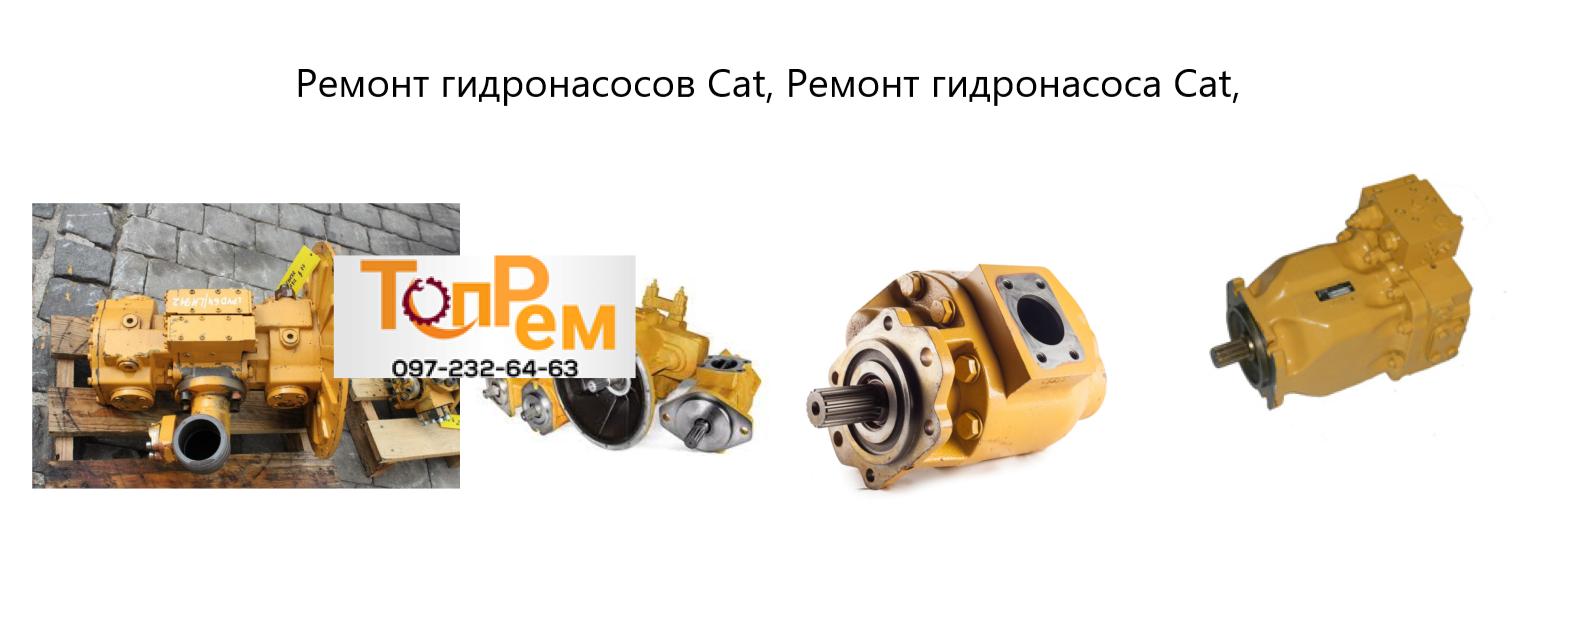 Ремонт гидронасосов Cat